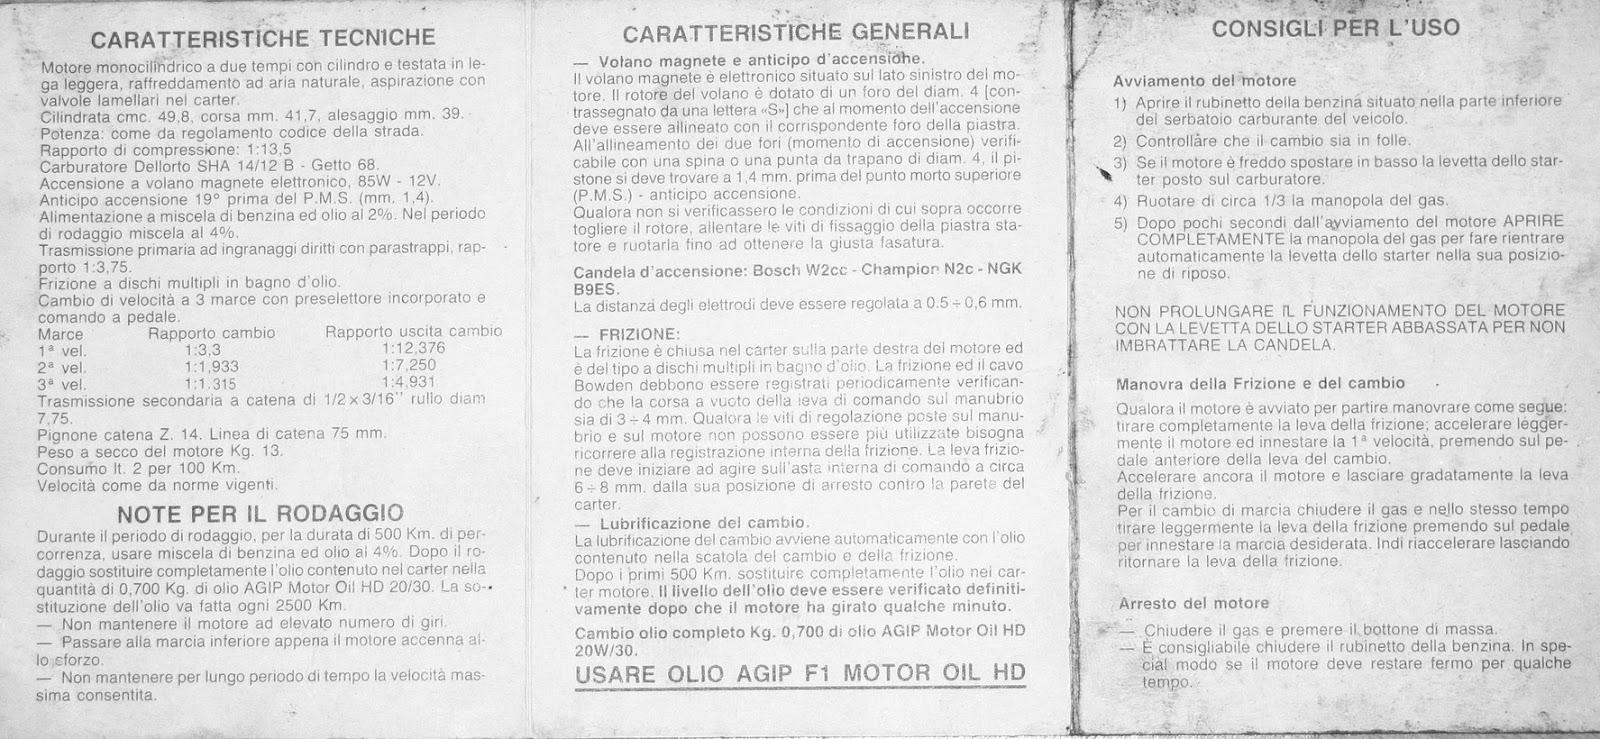 Malaguti Fifty: Libretto uso e manutenzione motore Franco